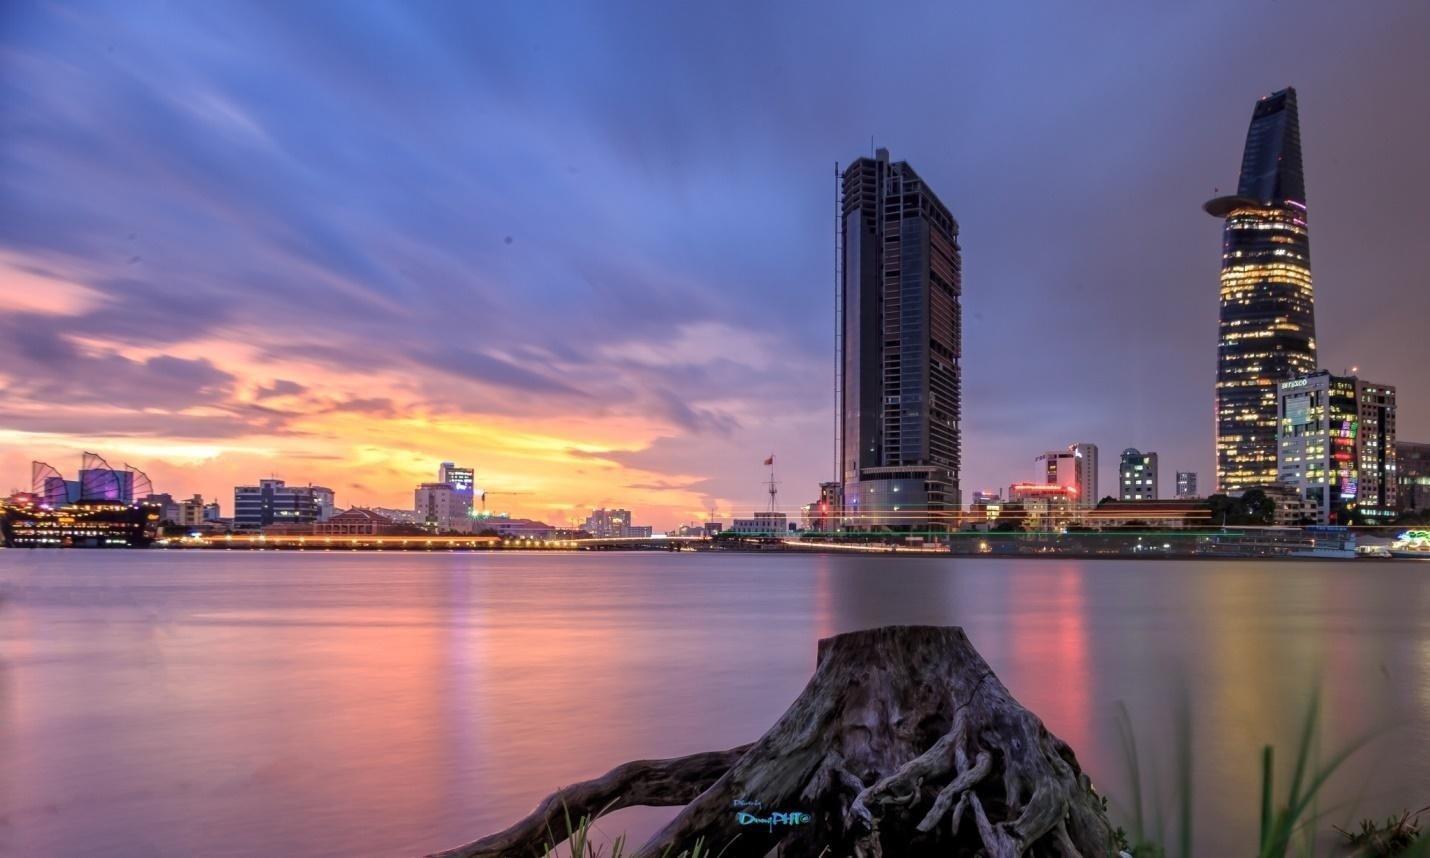 Một góc bình yên từ quận 2 - Ảnh: Dung Pham